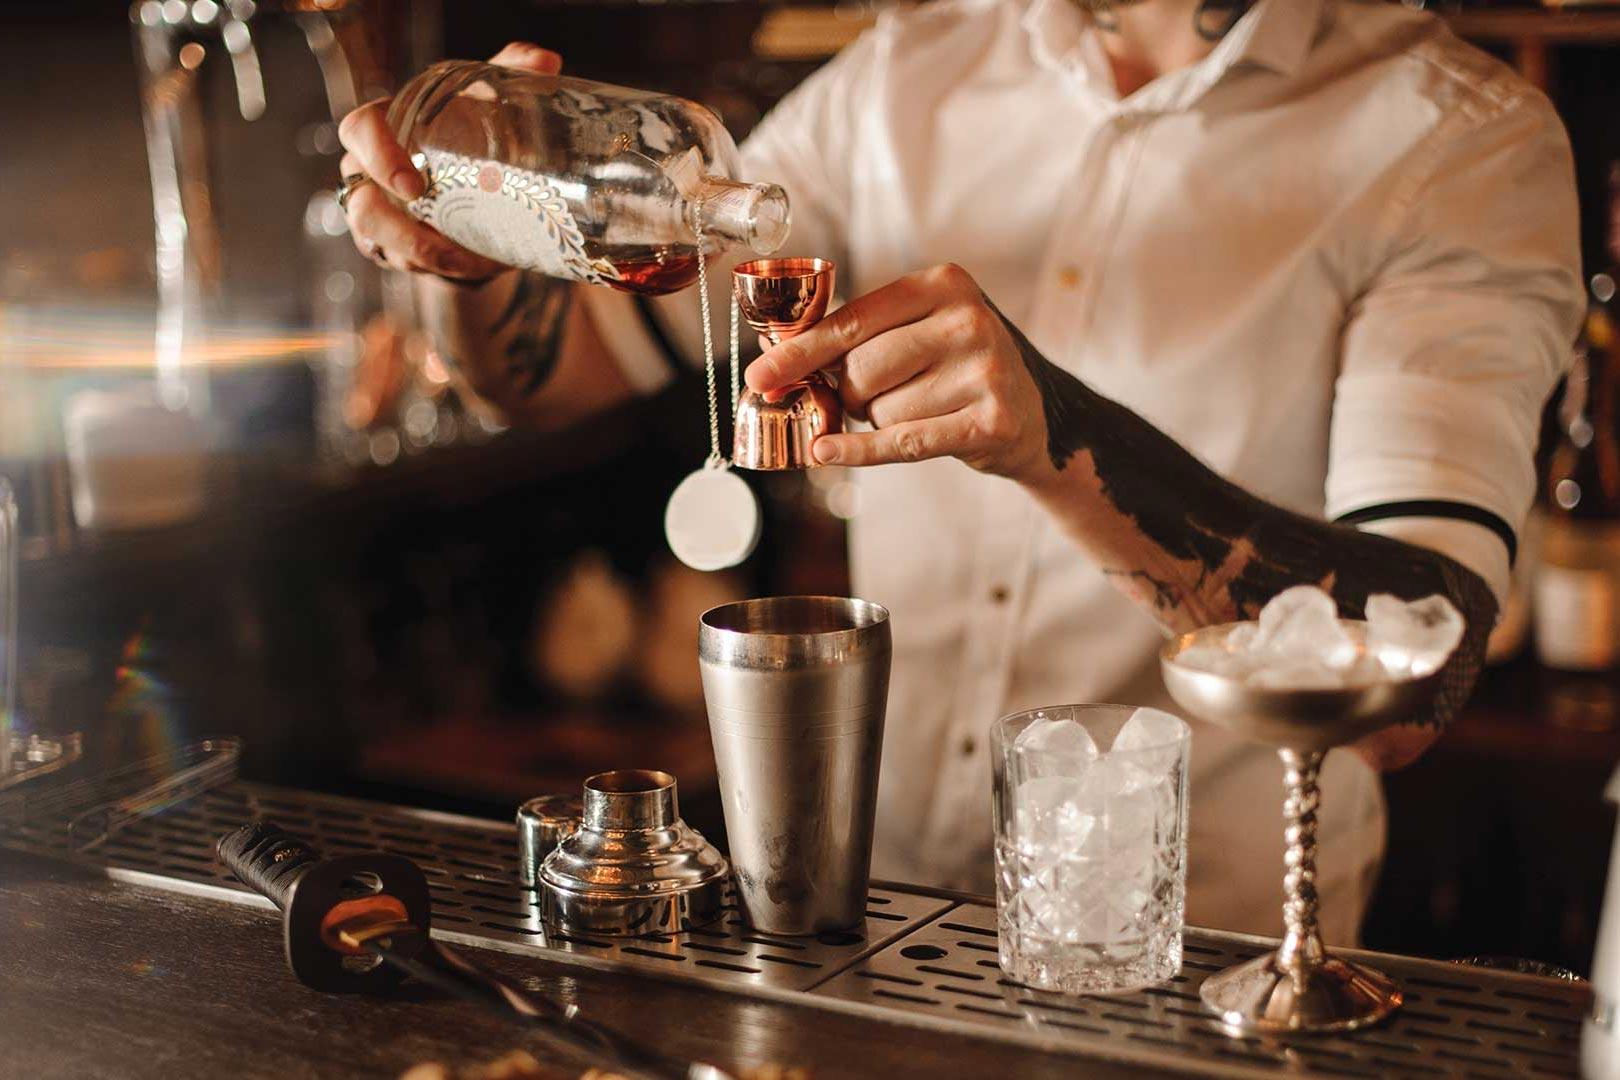 Διαγωνισμός για τον καλύτερο Ελληνα «bartender» στη Λάρισα